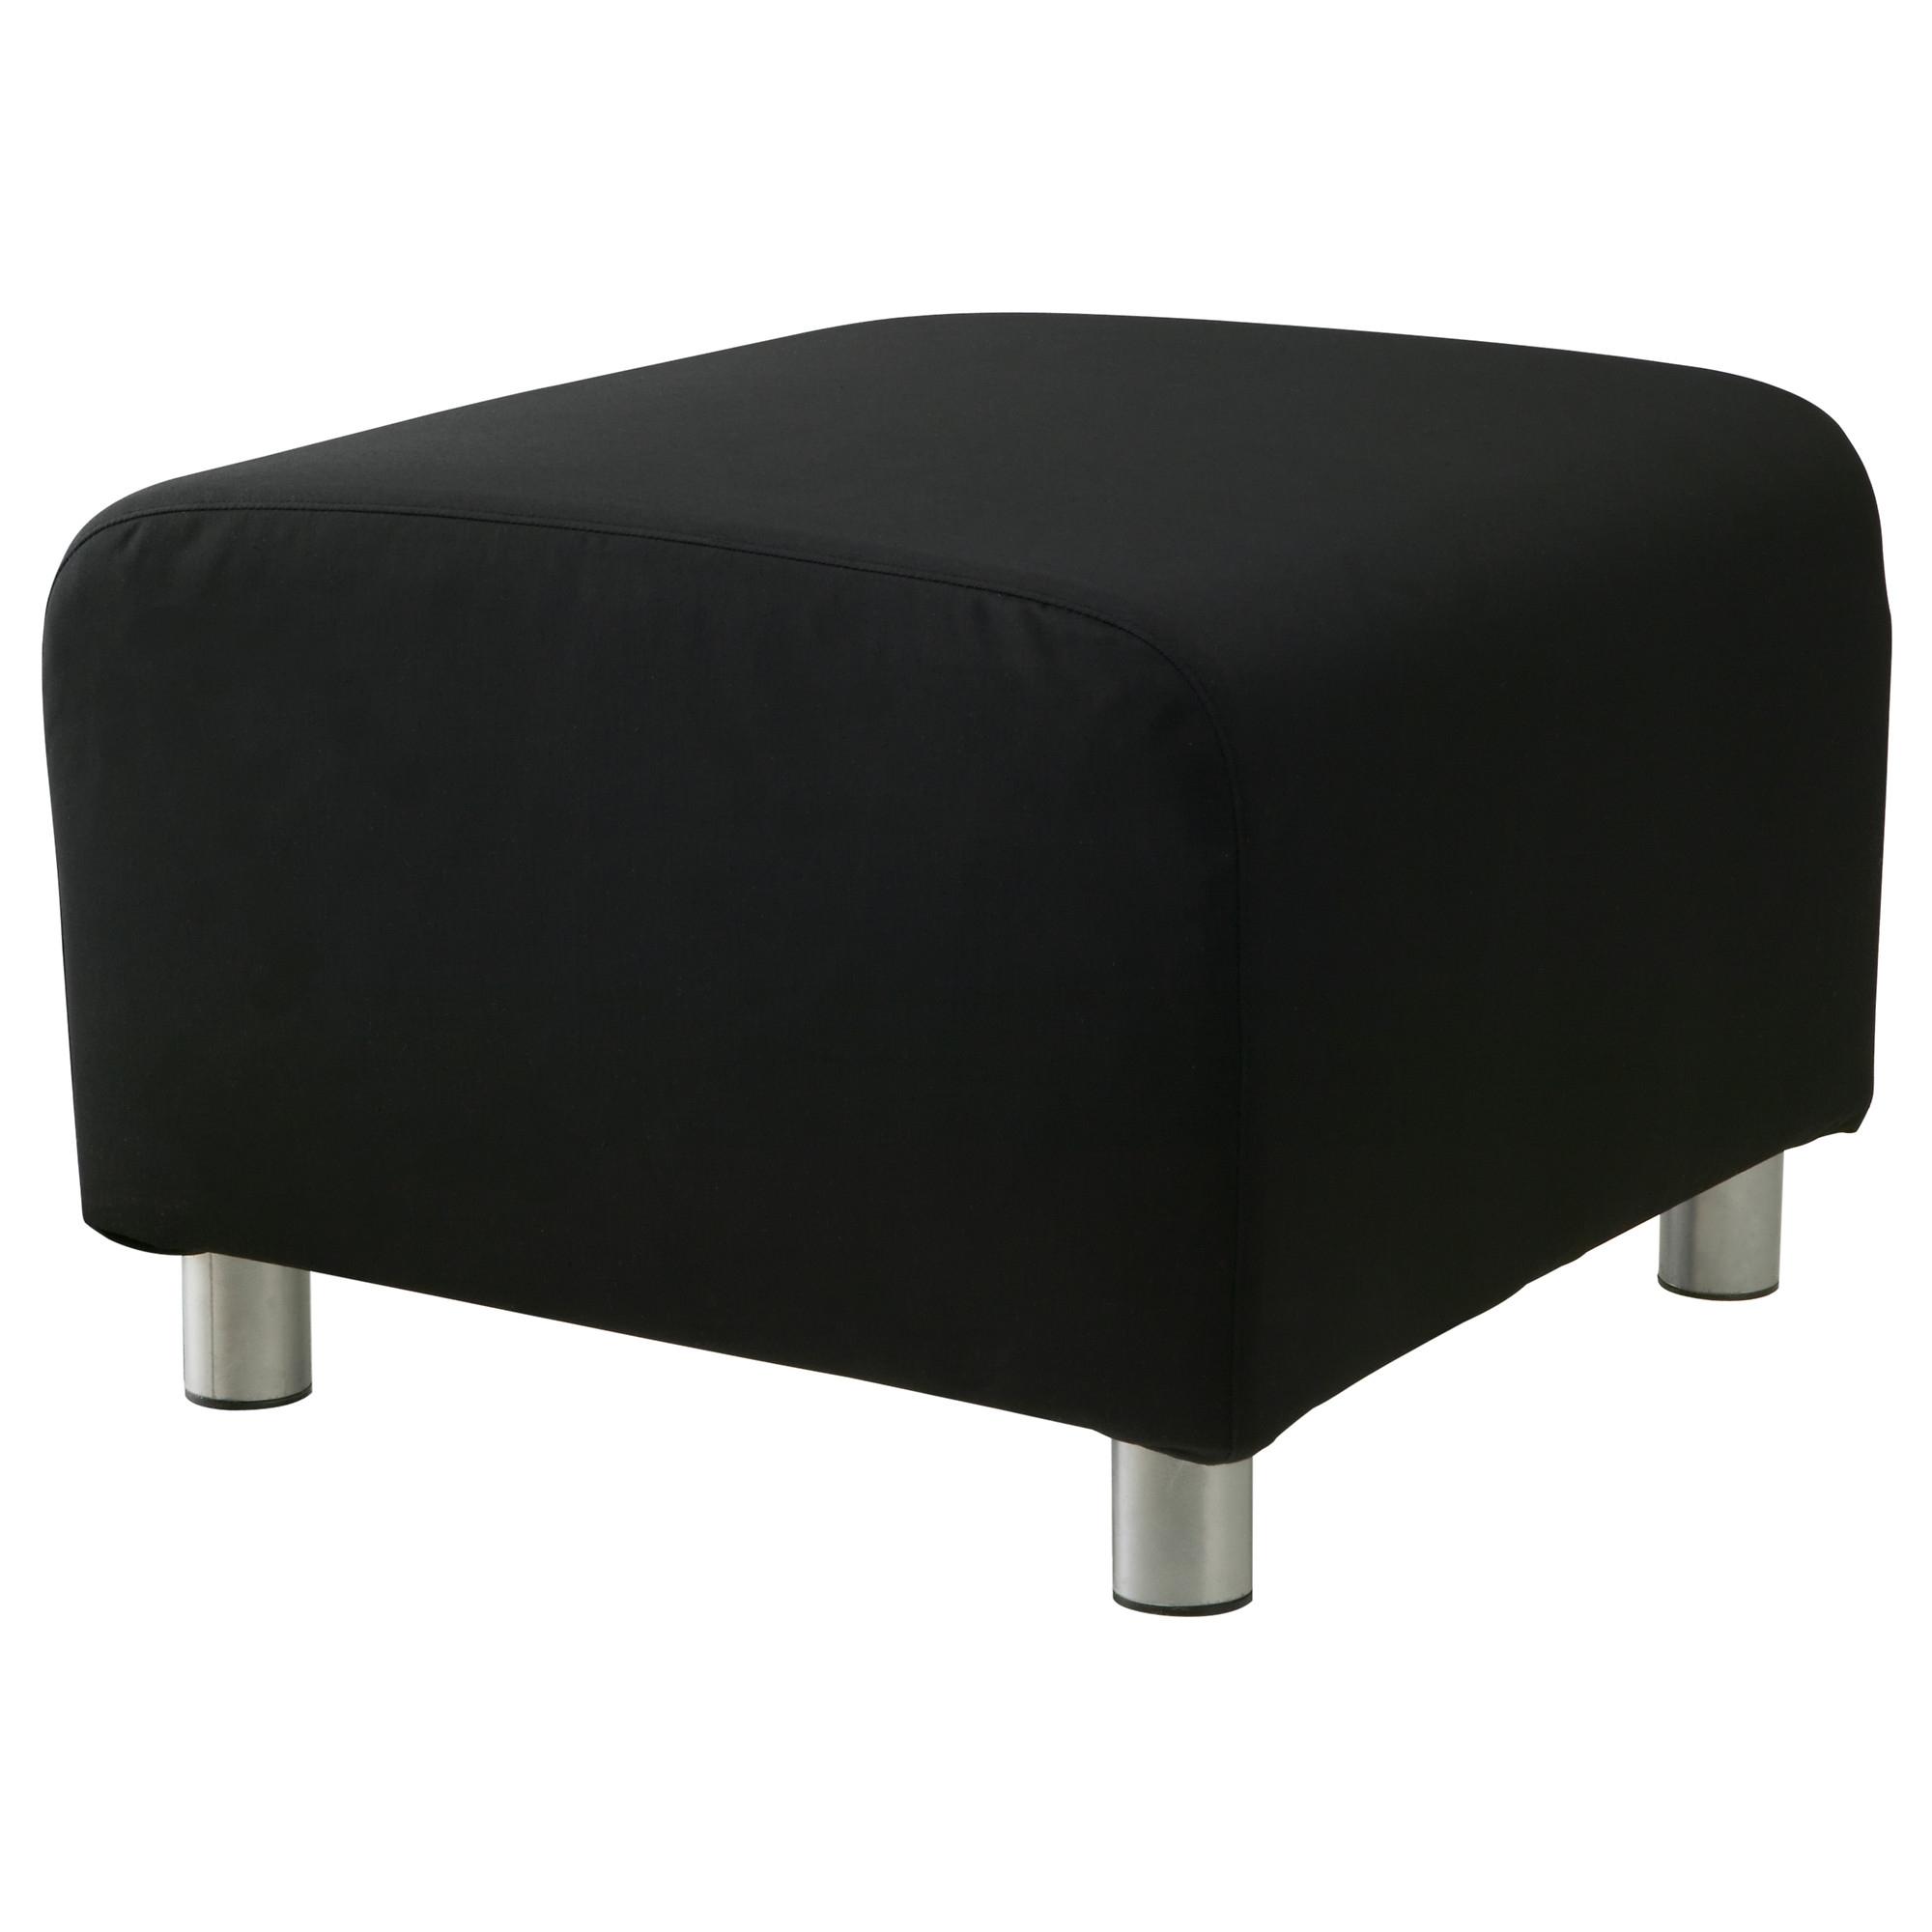 Klippan funda puf - Ikea tenerife productos ...